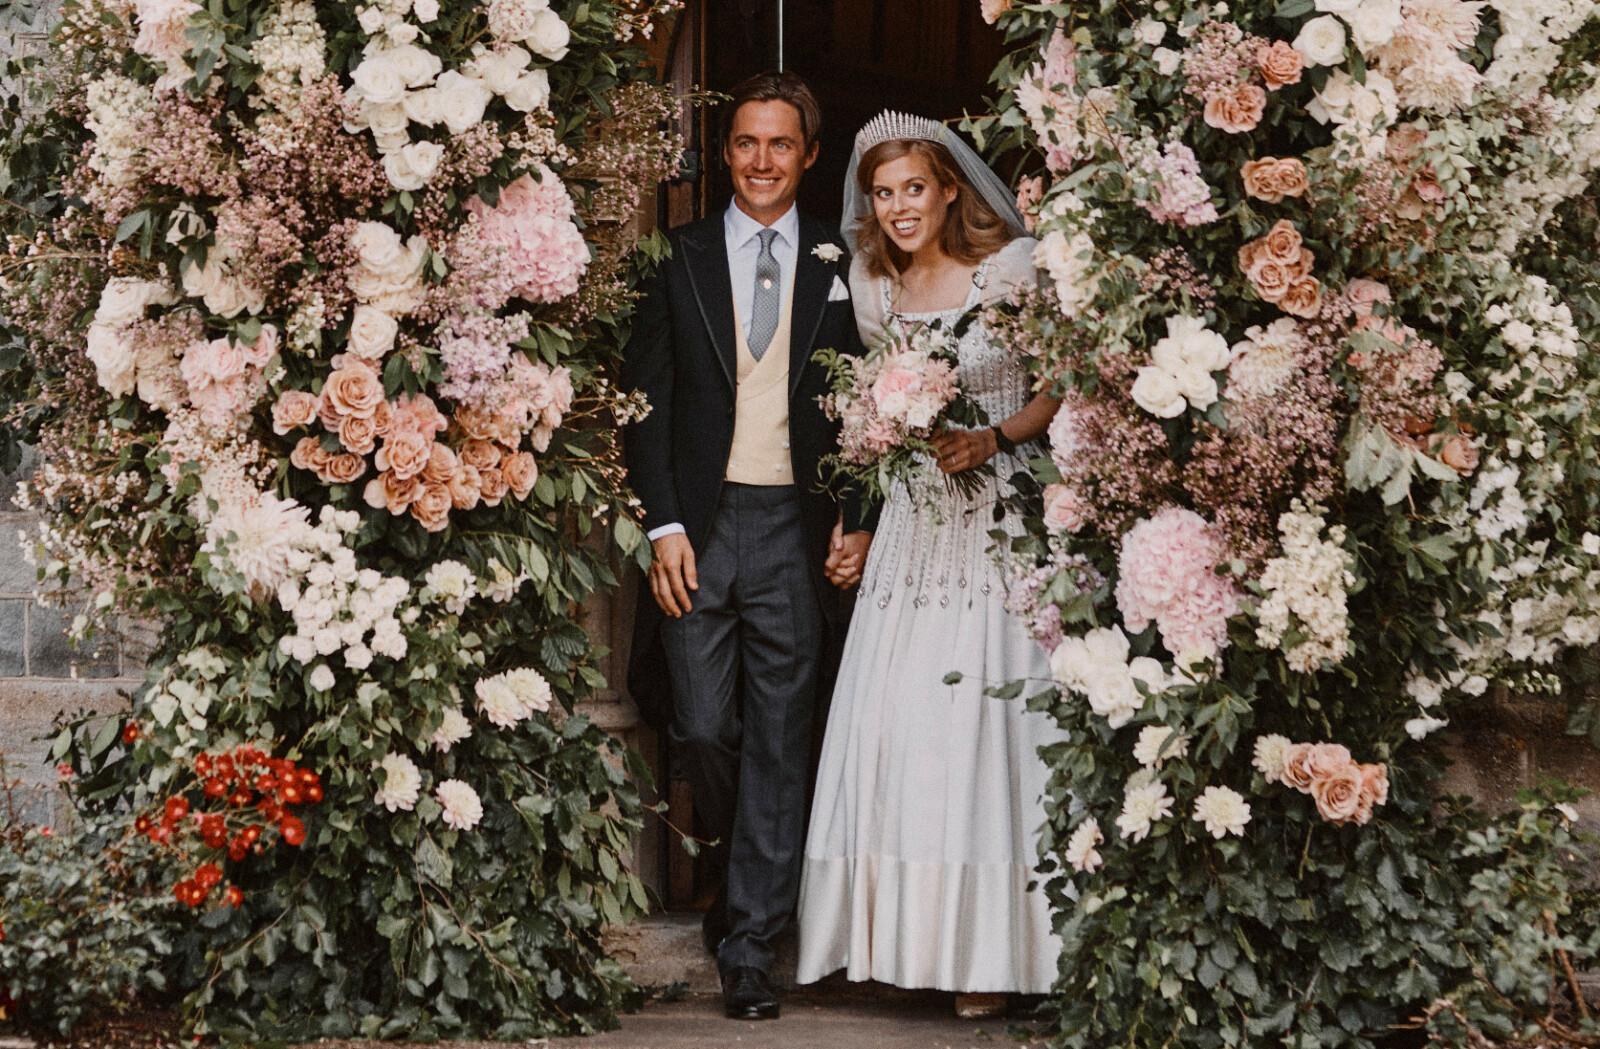 <strong>HERR OG FRU:</strong> Prinsesse Beatrice og ektemannen Edoardo Mapelli Mozzi forlater The Royal Chapel of All Saints etter seremonien 17. juli 2020. FOTO: NTB scanpix